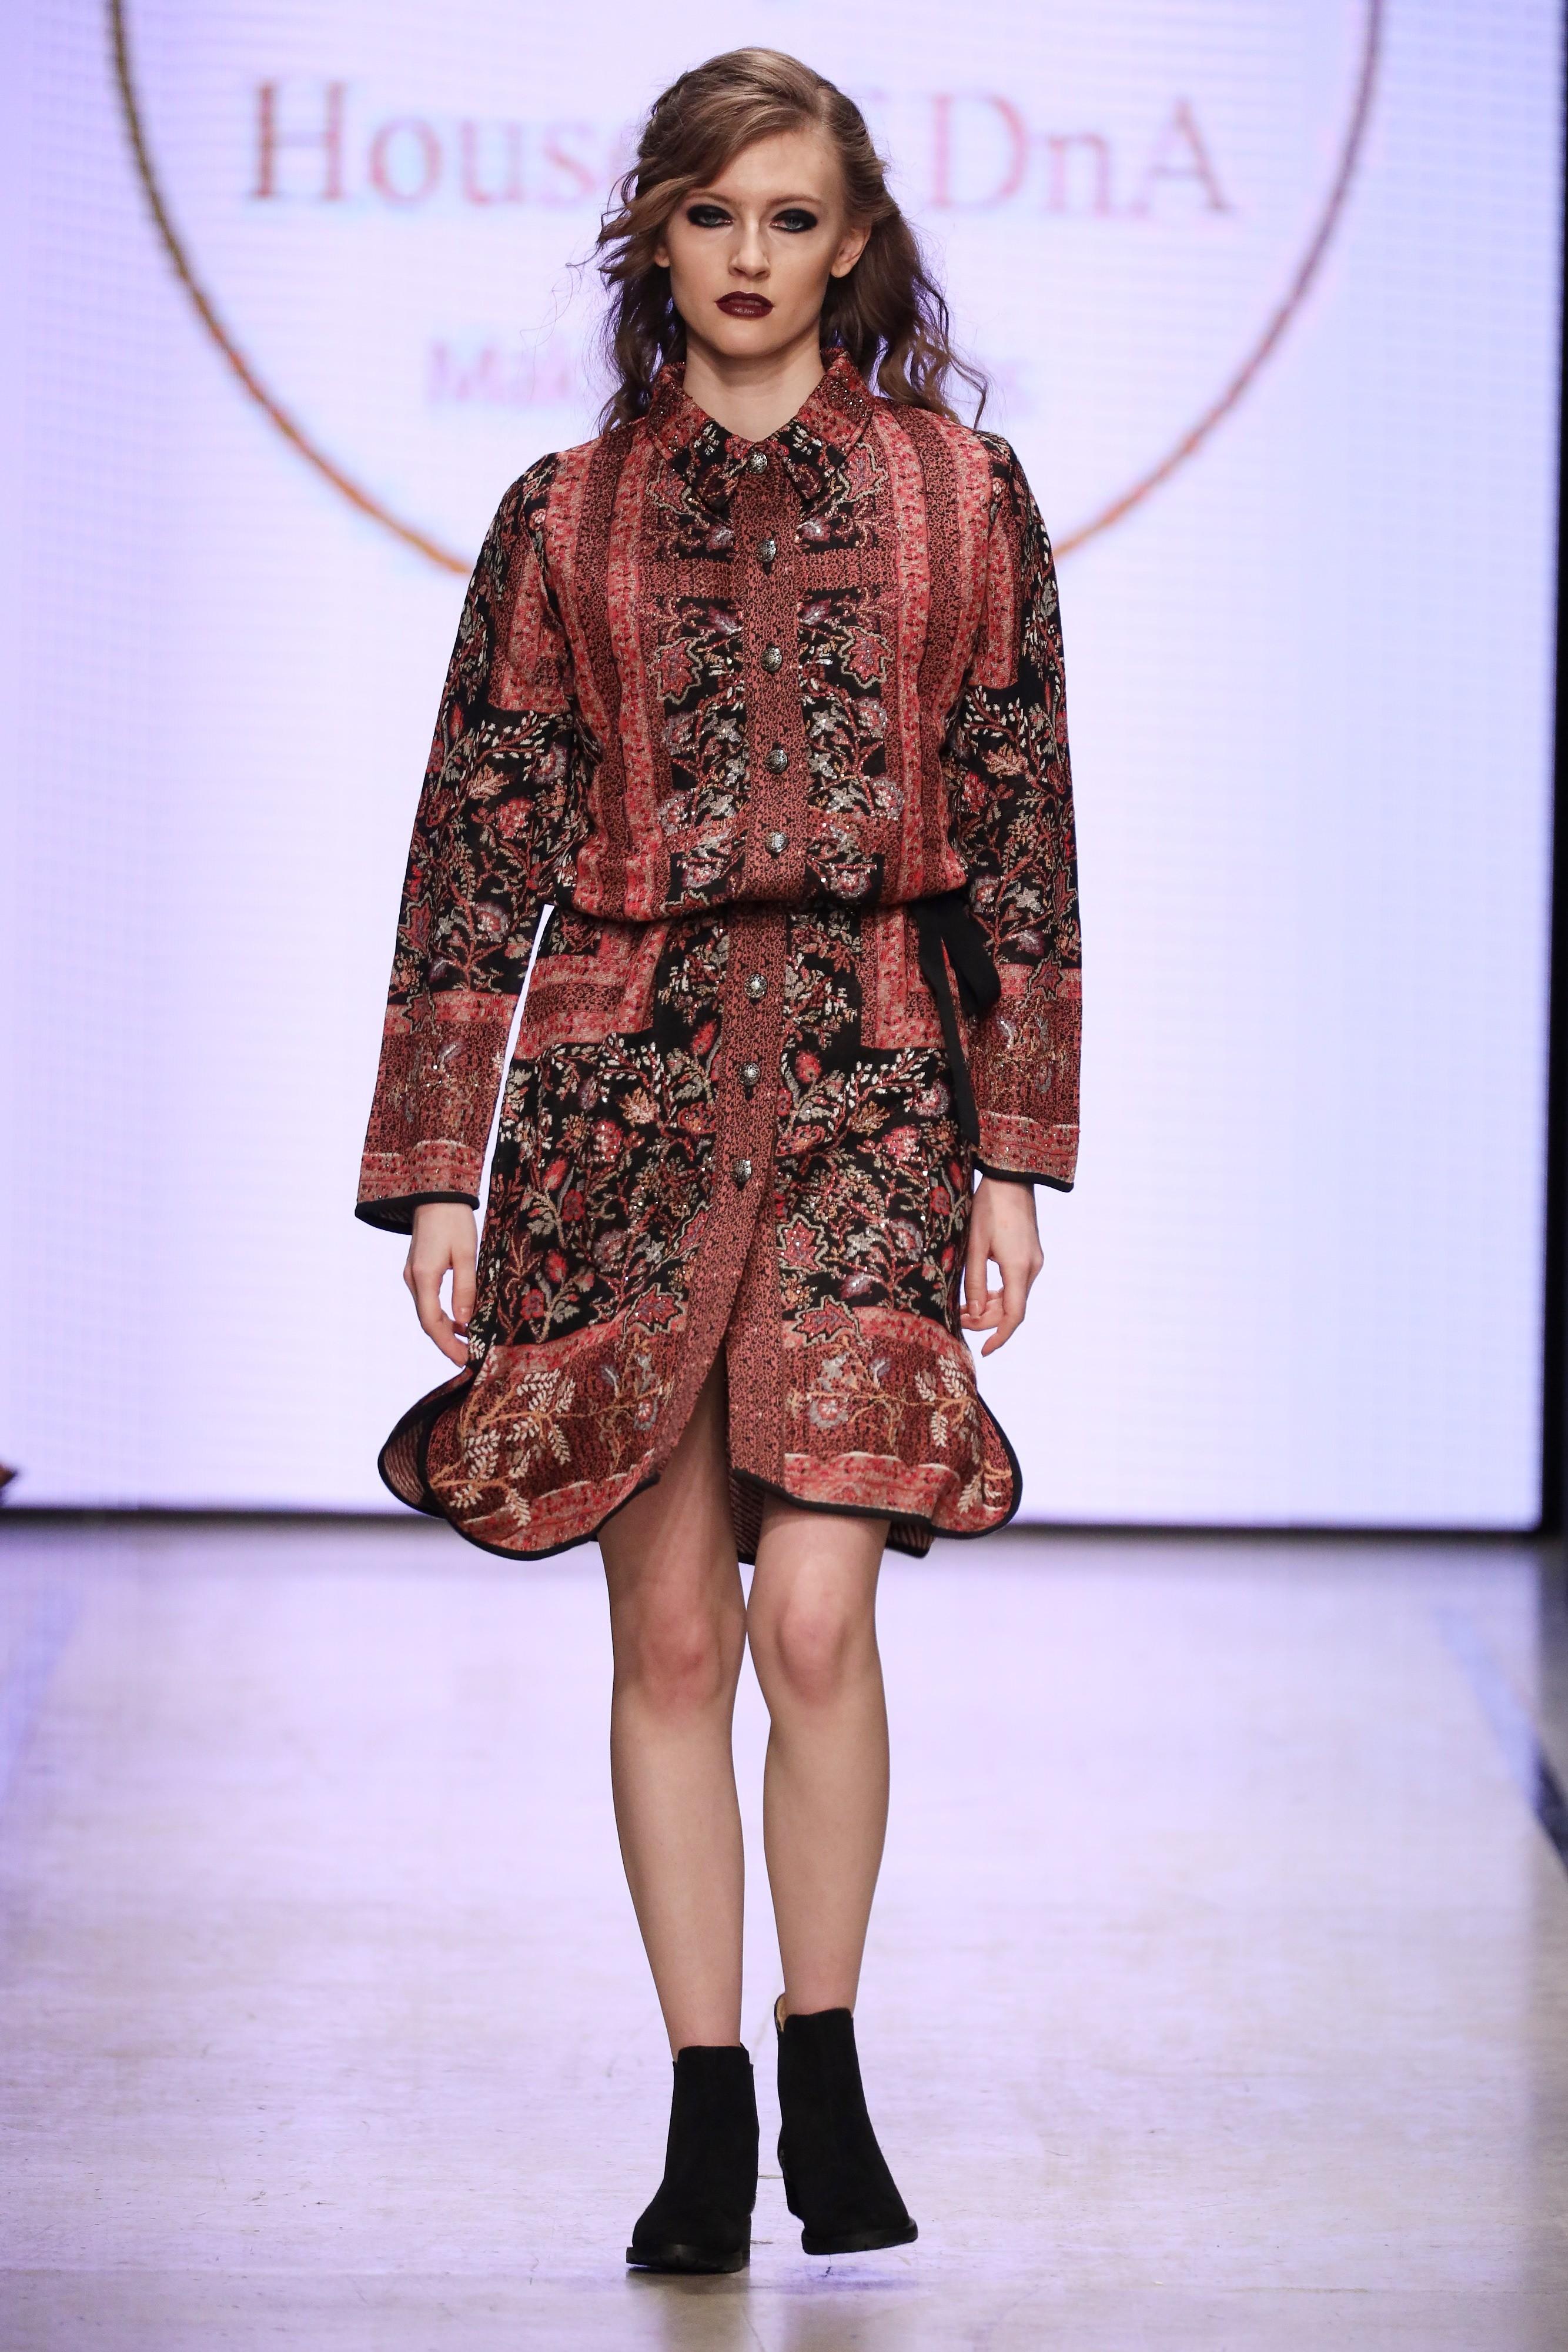 Дизайнер предложил большой выбор платьев, халатов , туник и блуз с элементами национального индийского костюма.